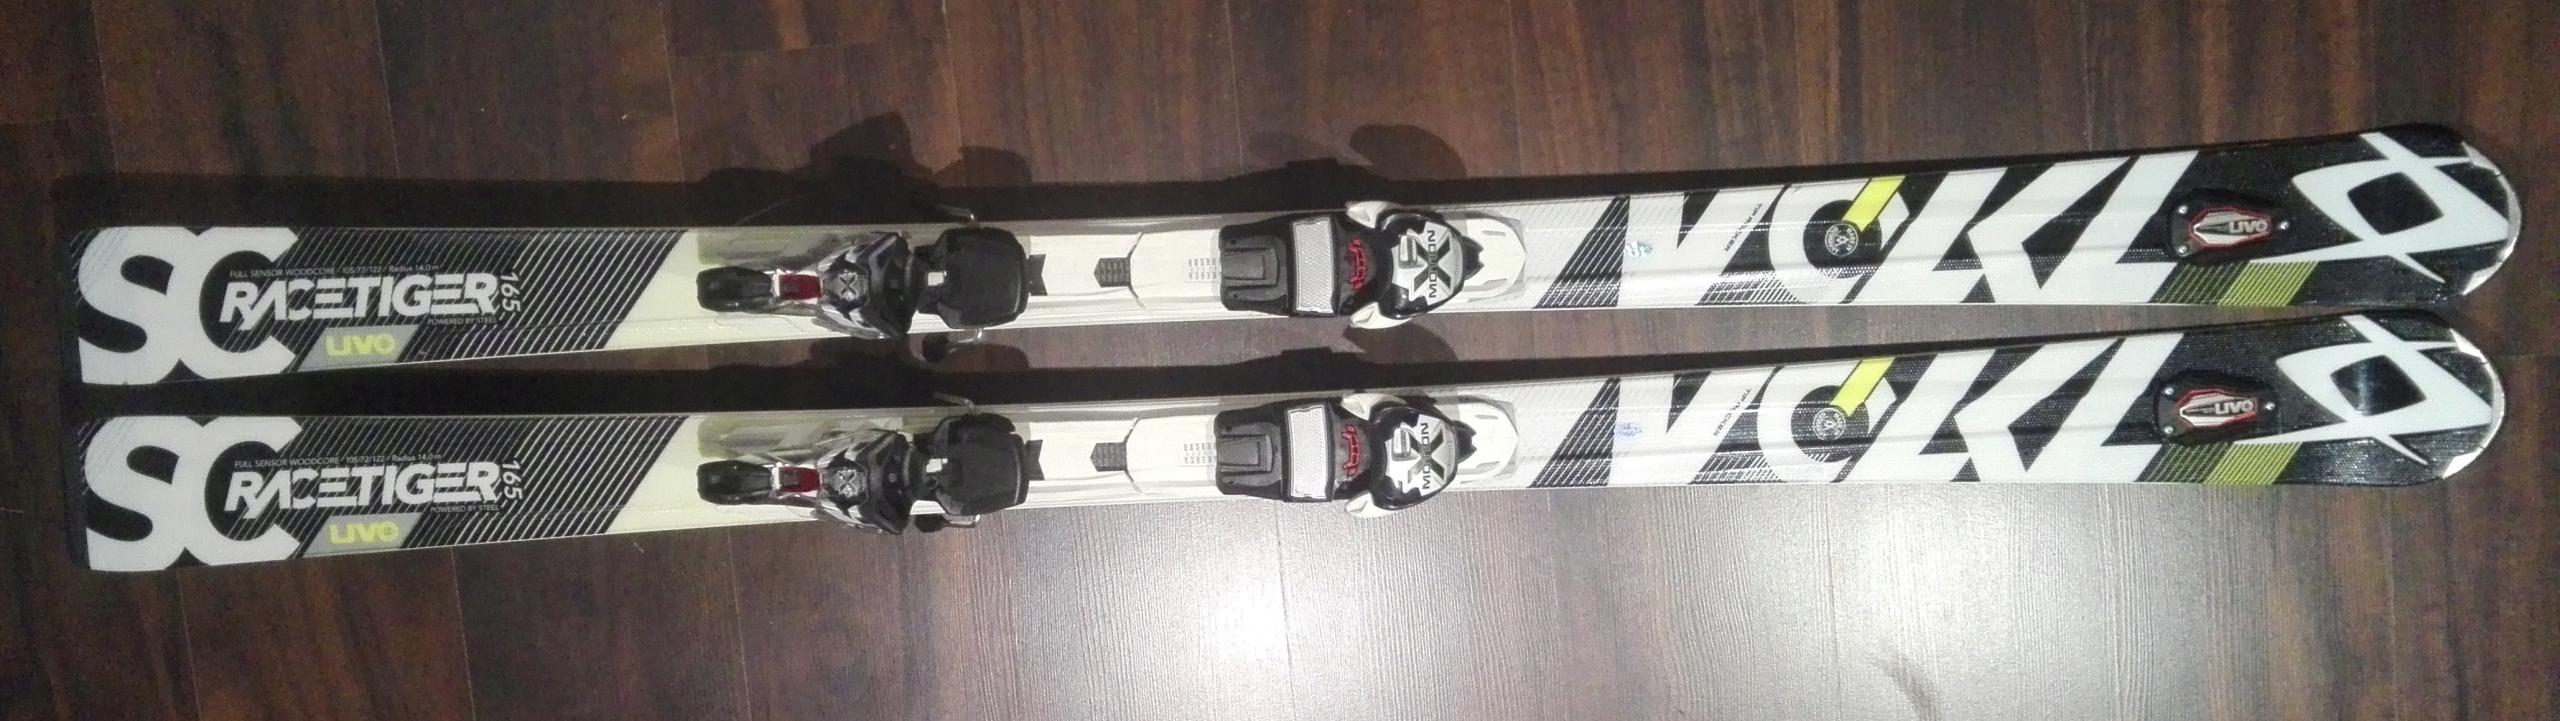 Narty Volkl Racetiger SC UVO 165cm